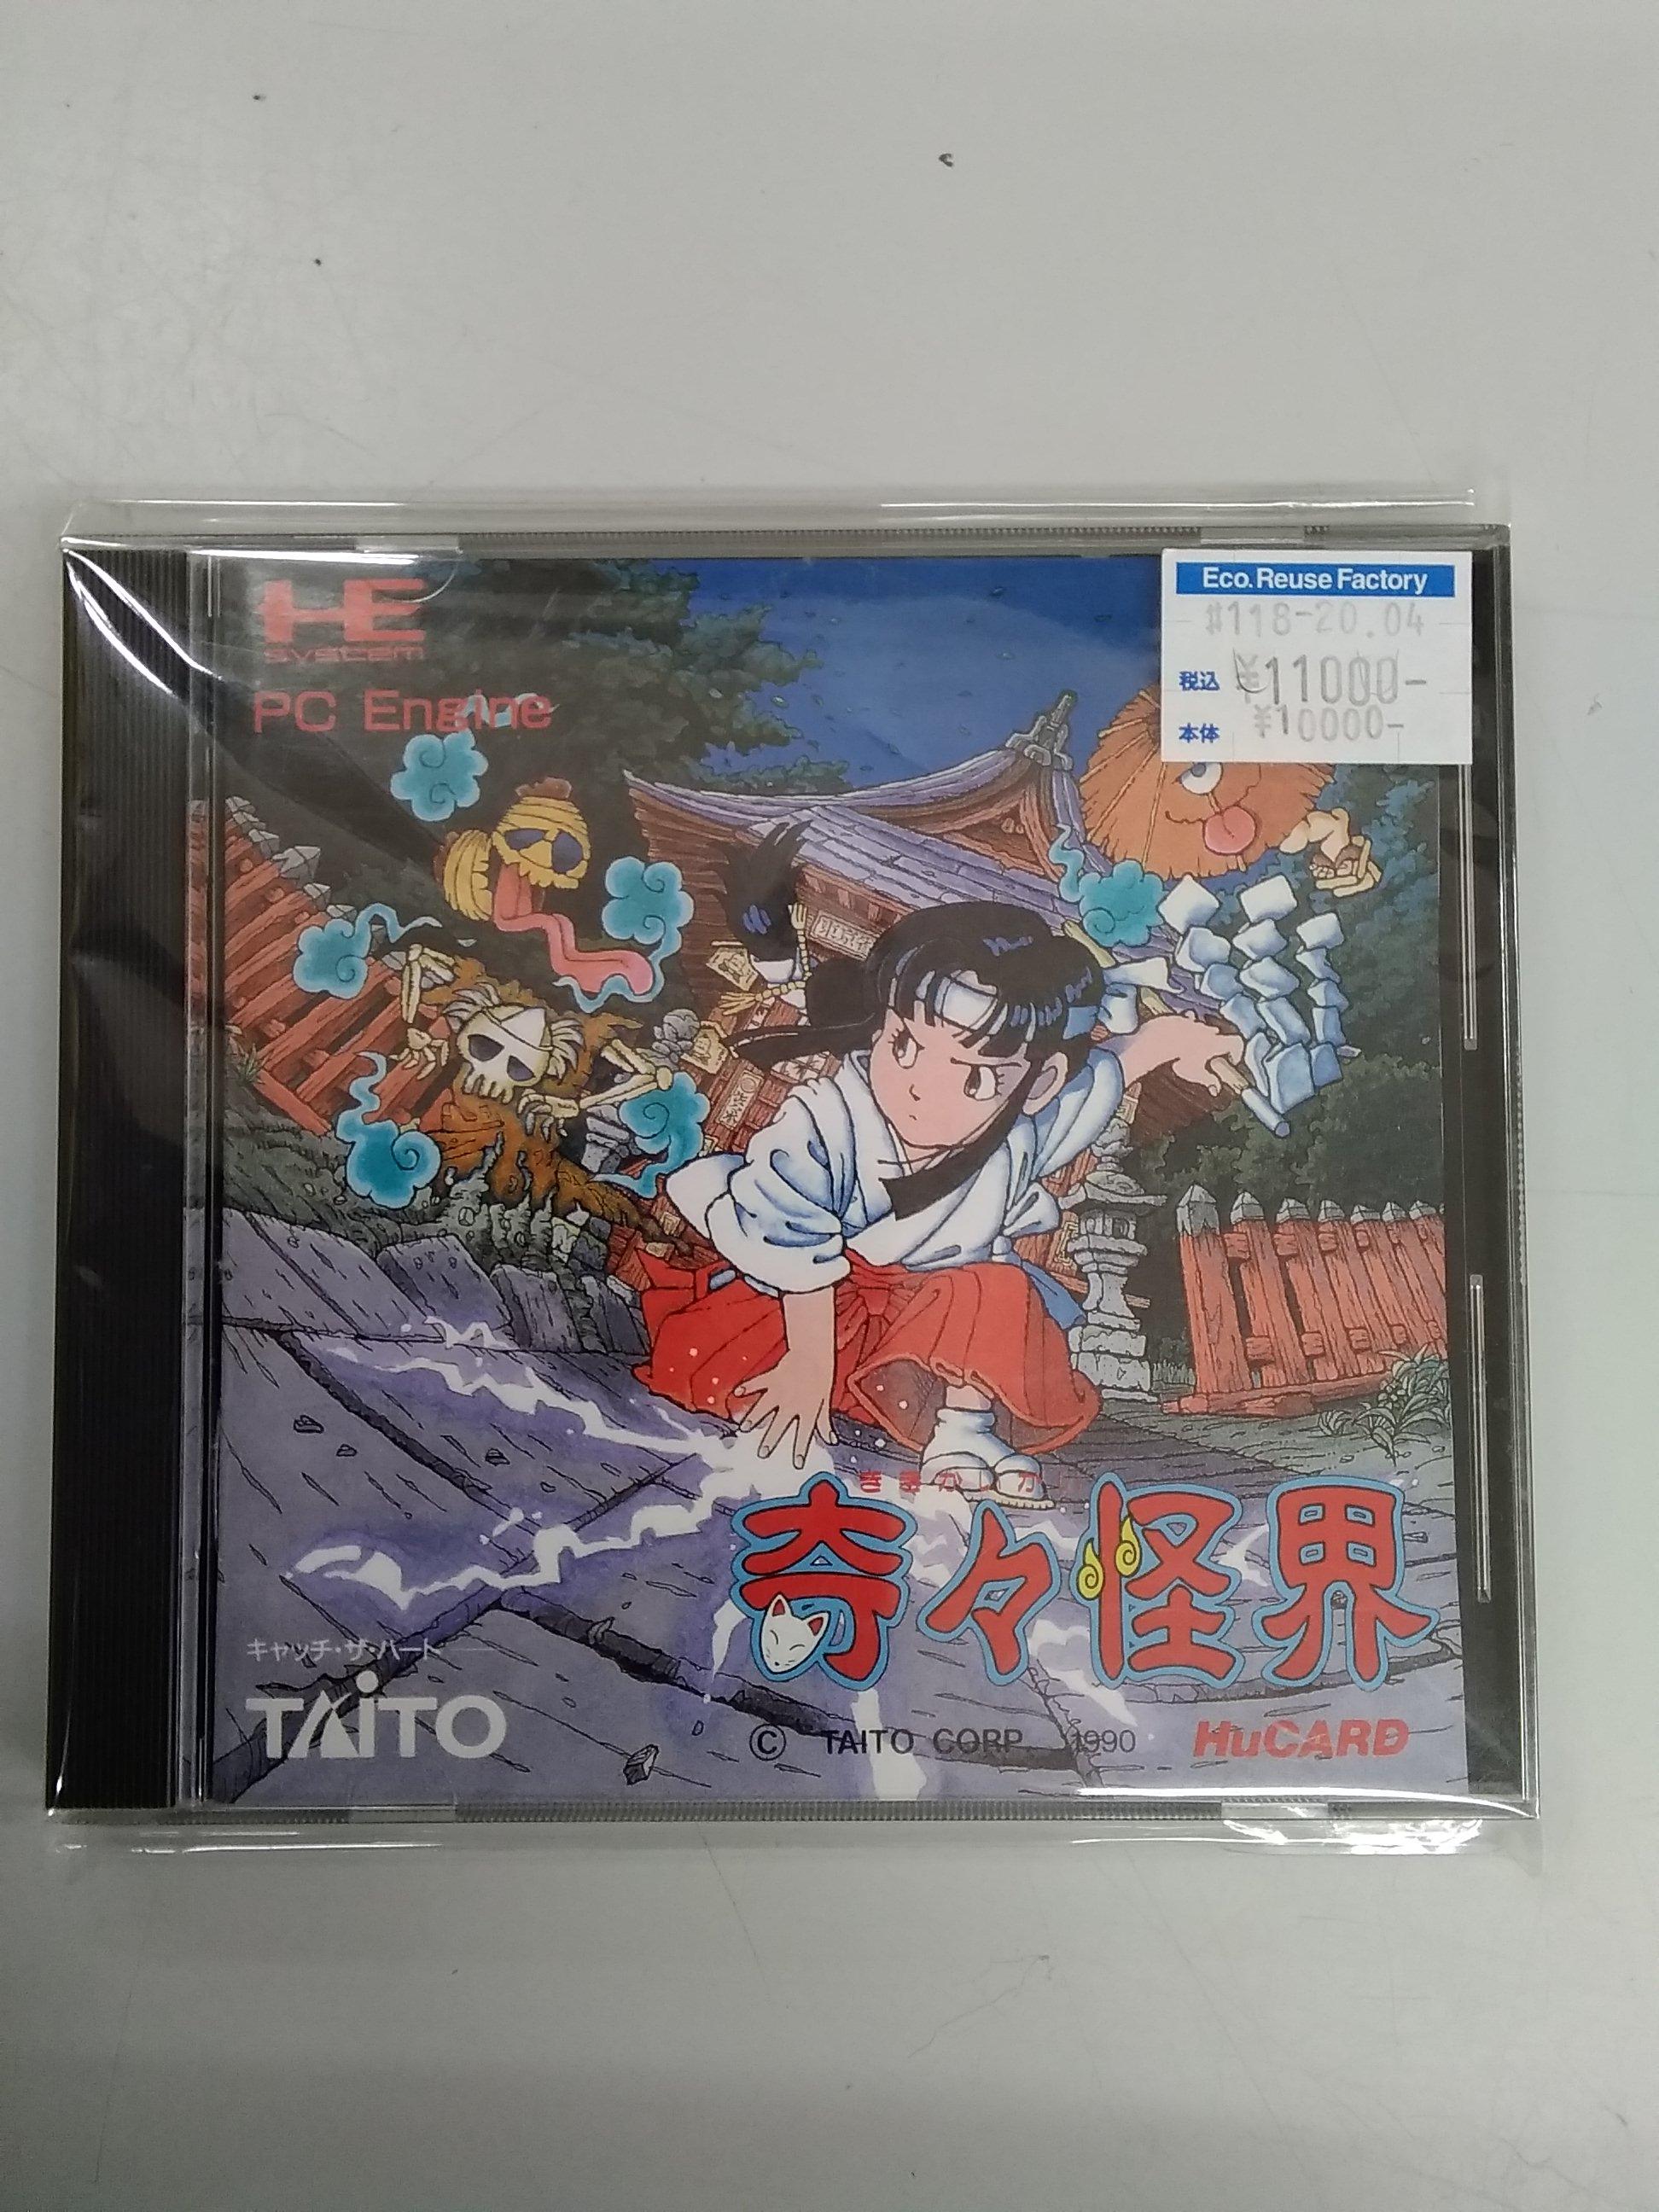 PC ENGINE HU CARD|TAITO